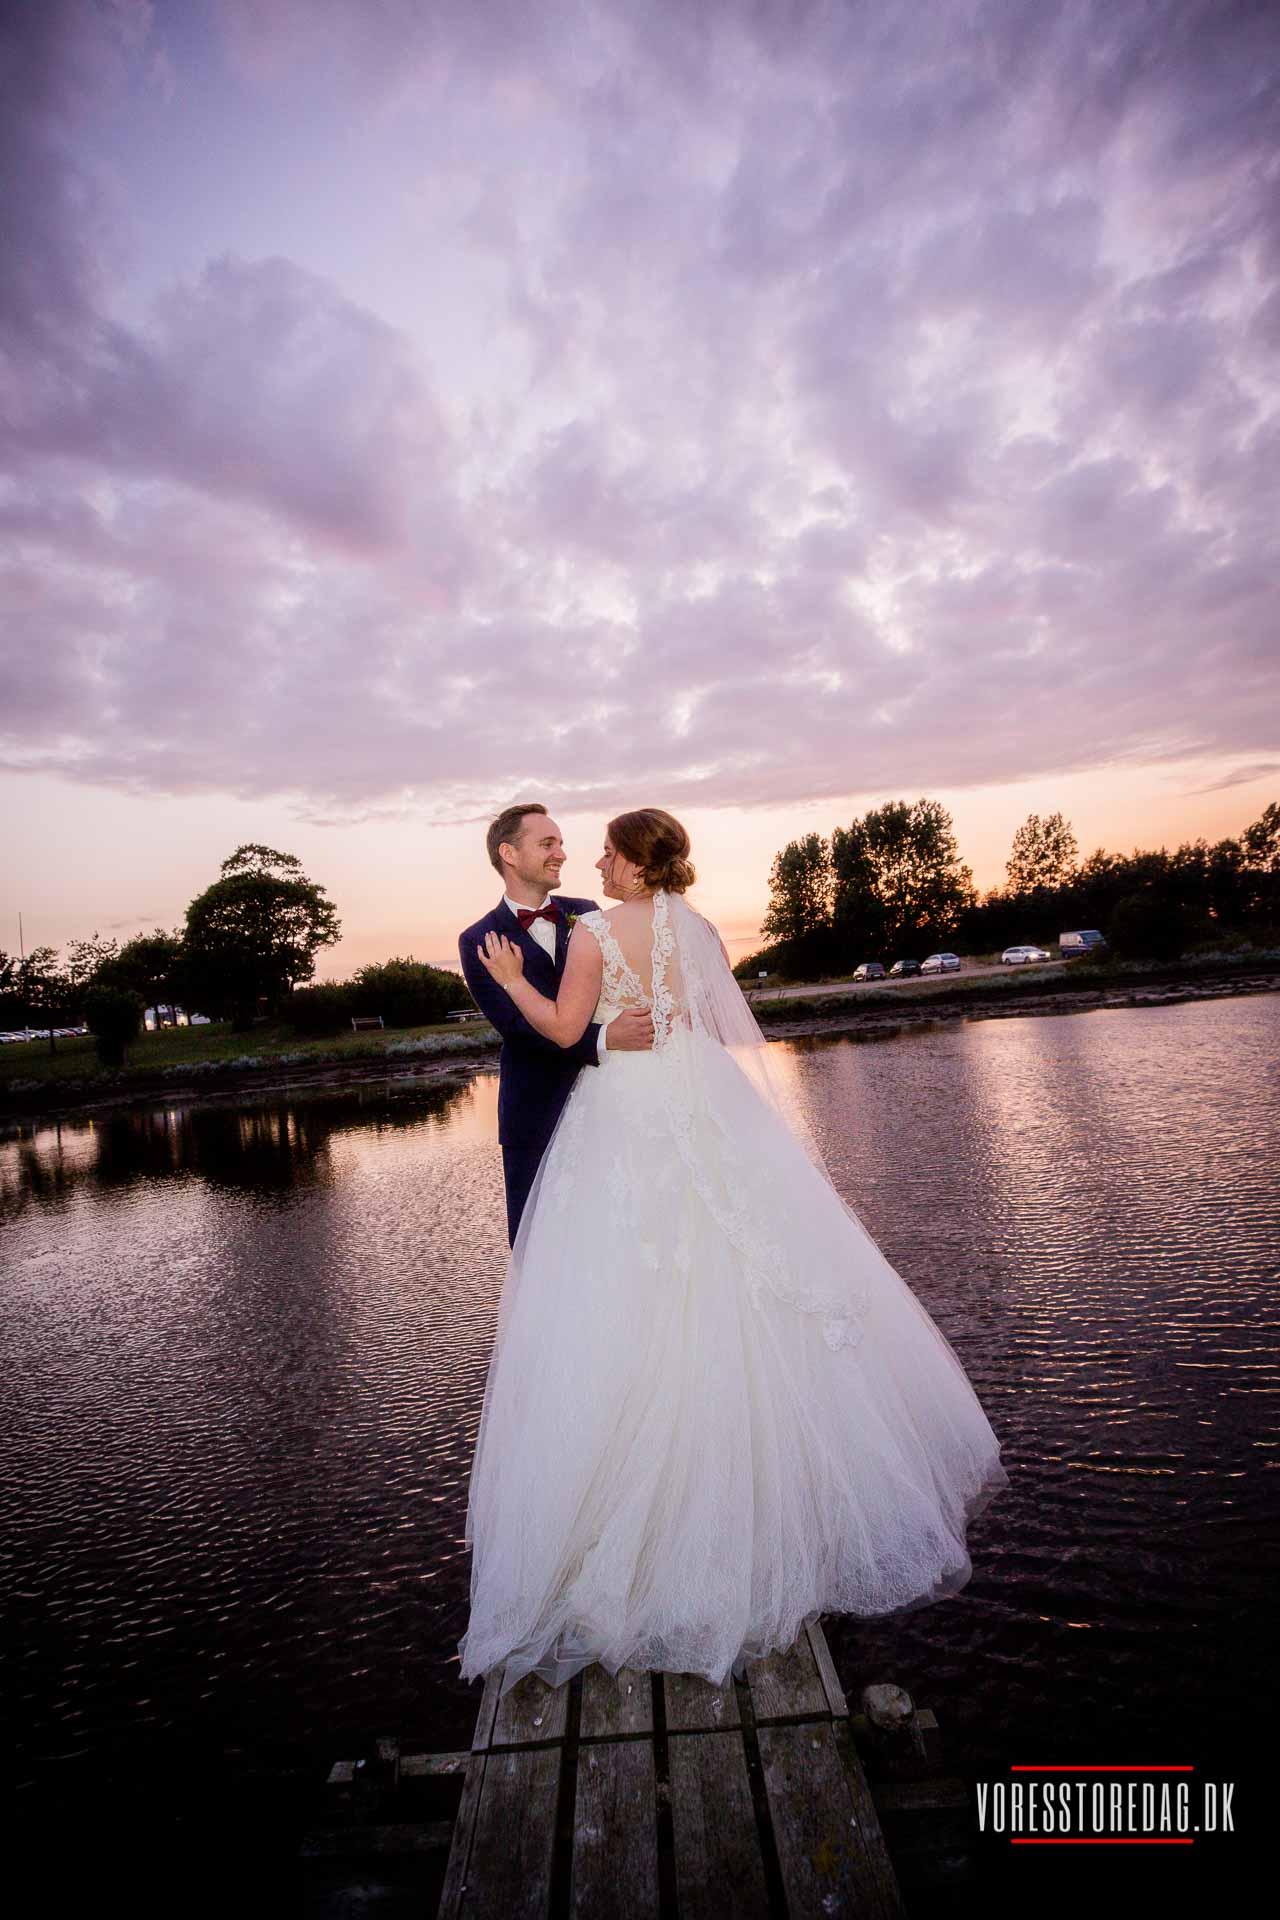 Bryllupsbilleder på lærred - Bryllupsfoto på lærred i høj kvalitet